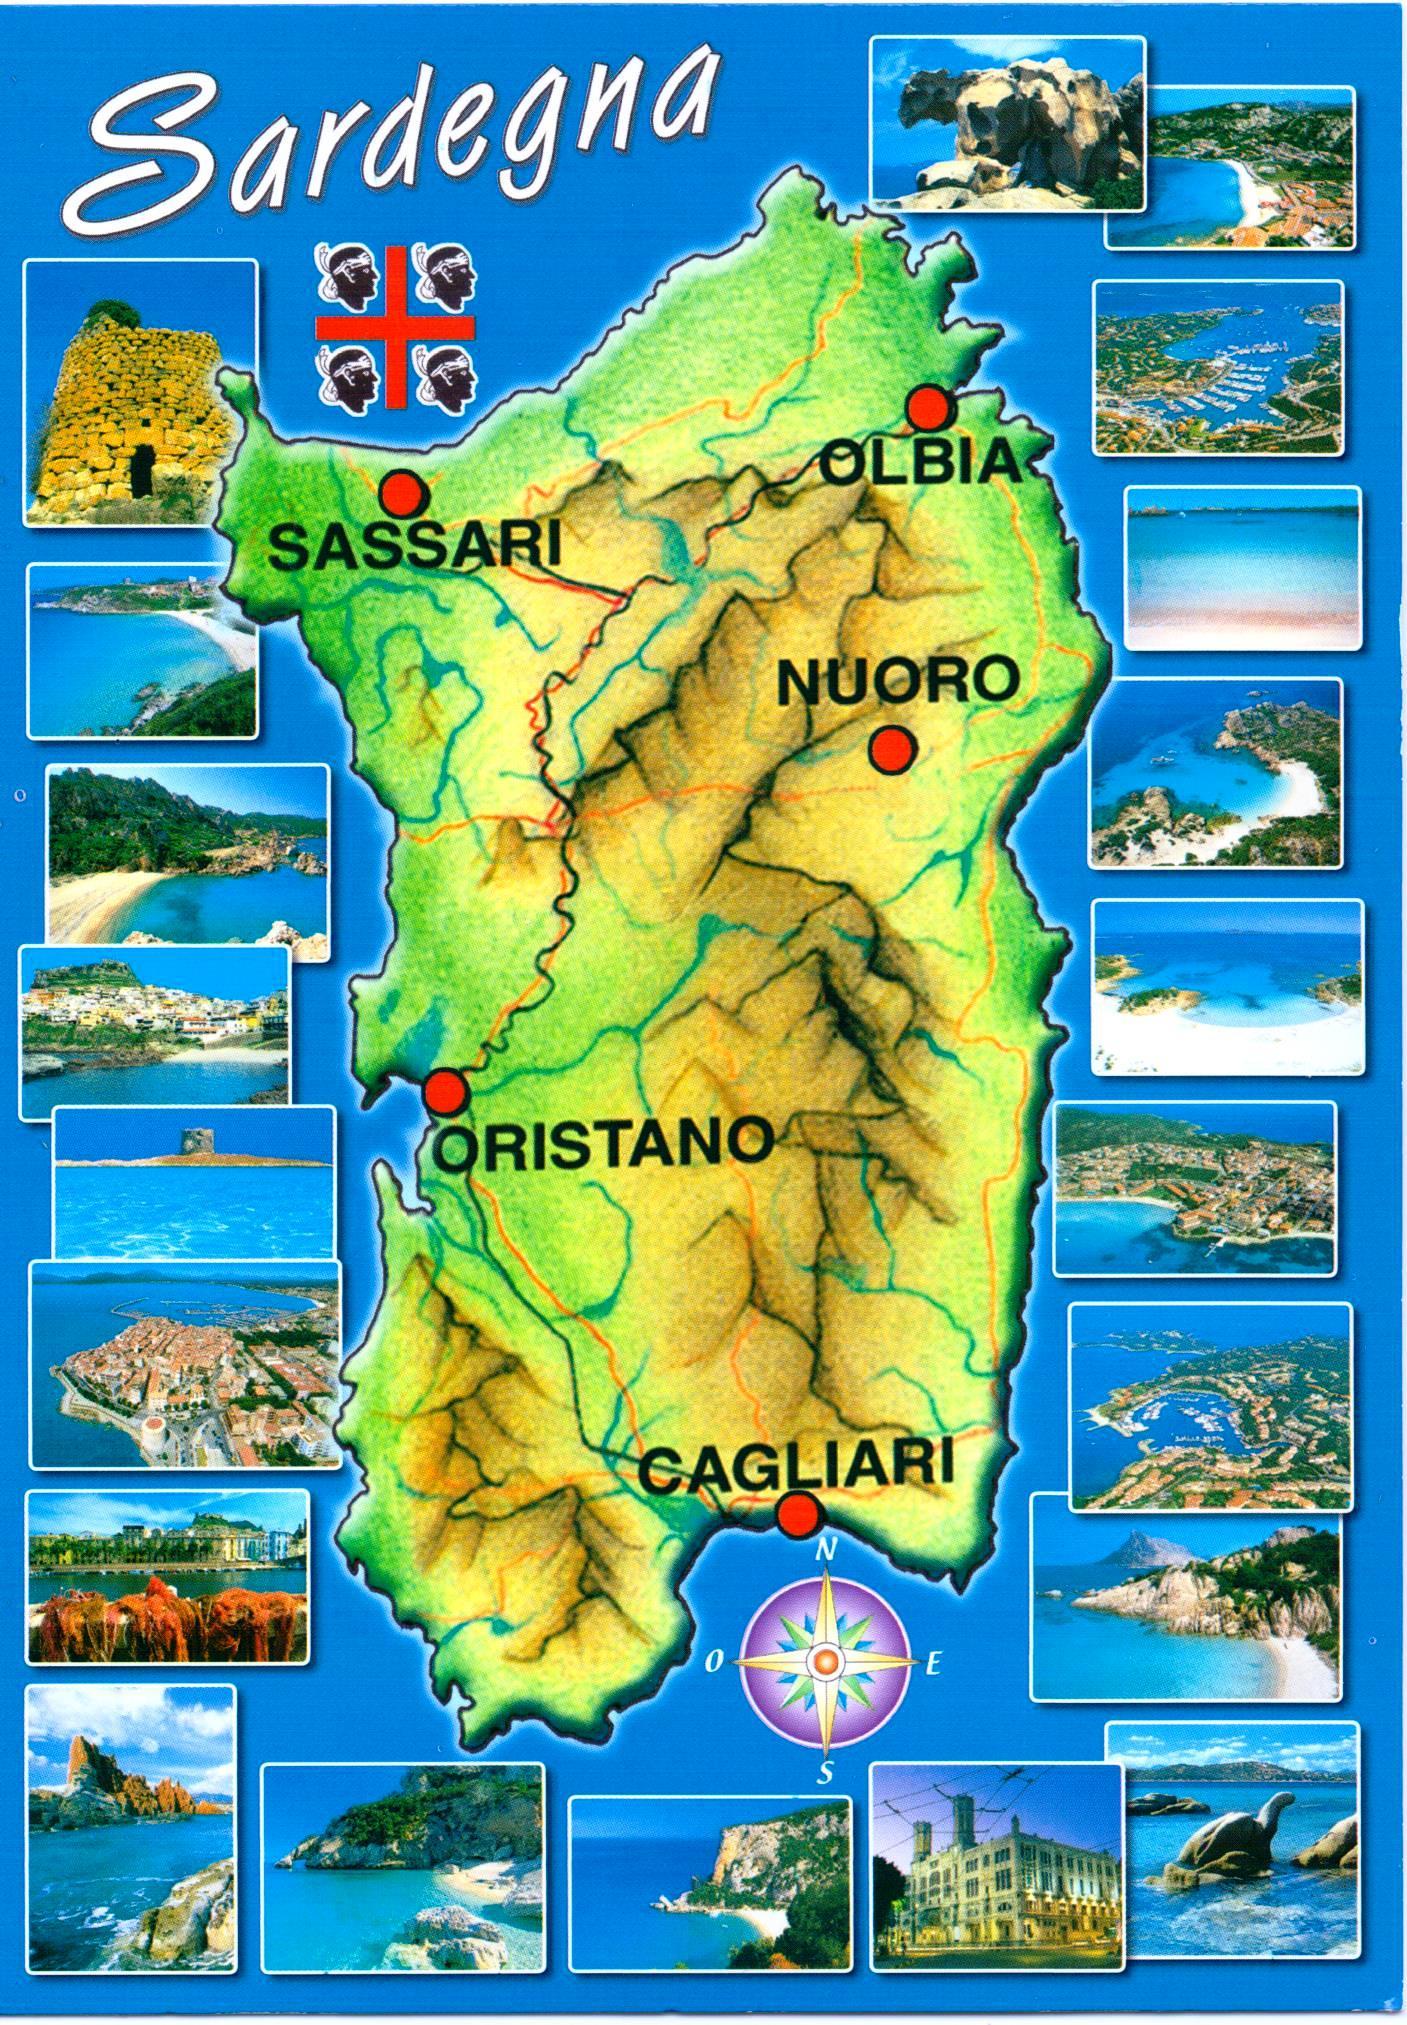 Sardinia warnings for accessing Sardinia